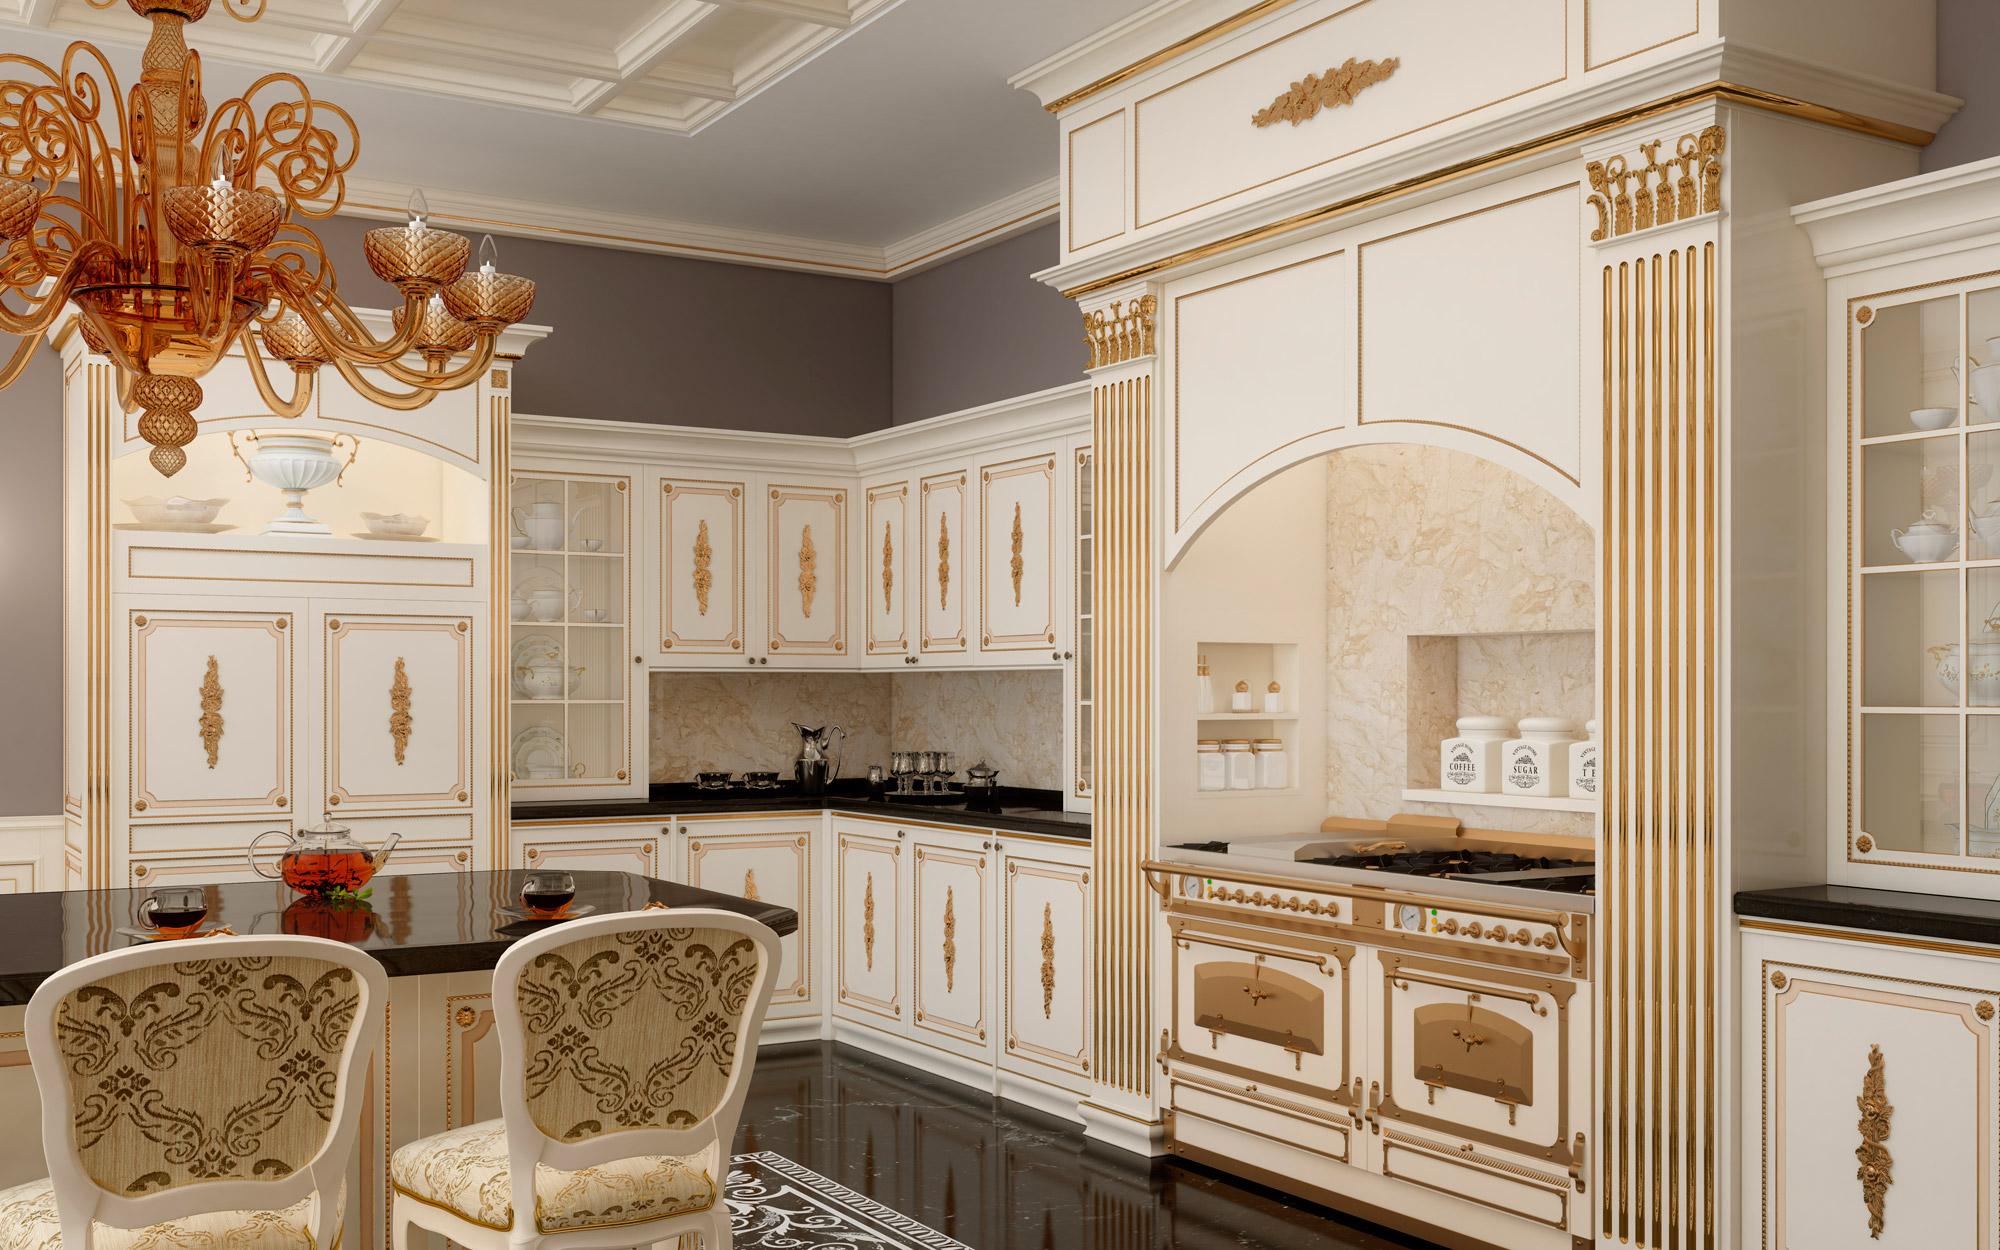 Cucina su misura artigianale olga vimercati meda - Cucine americane classiche ...